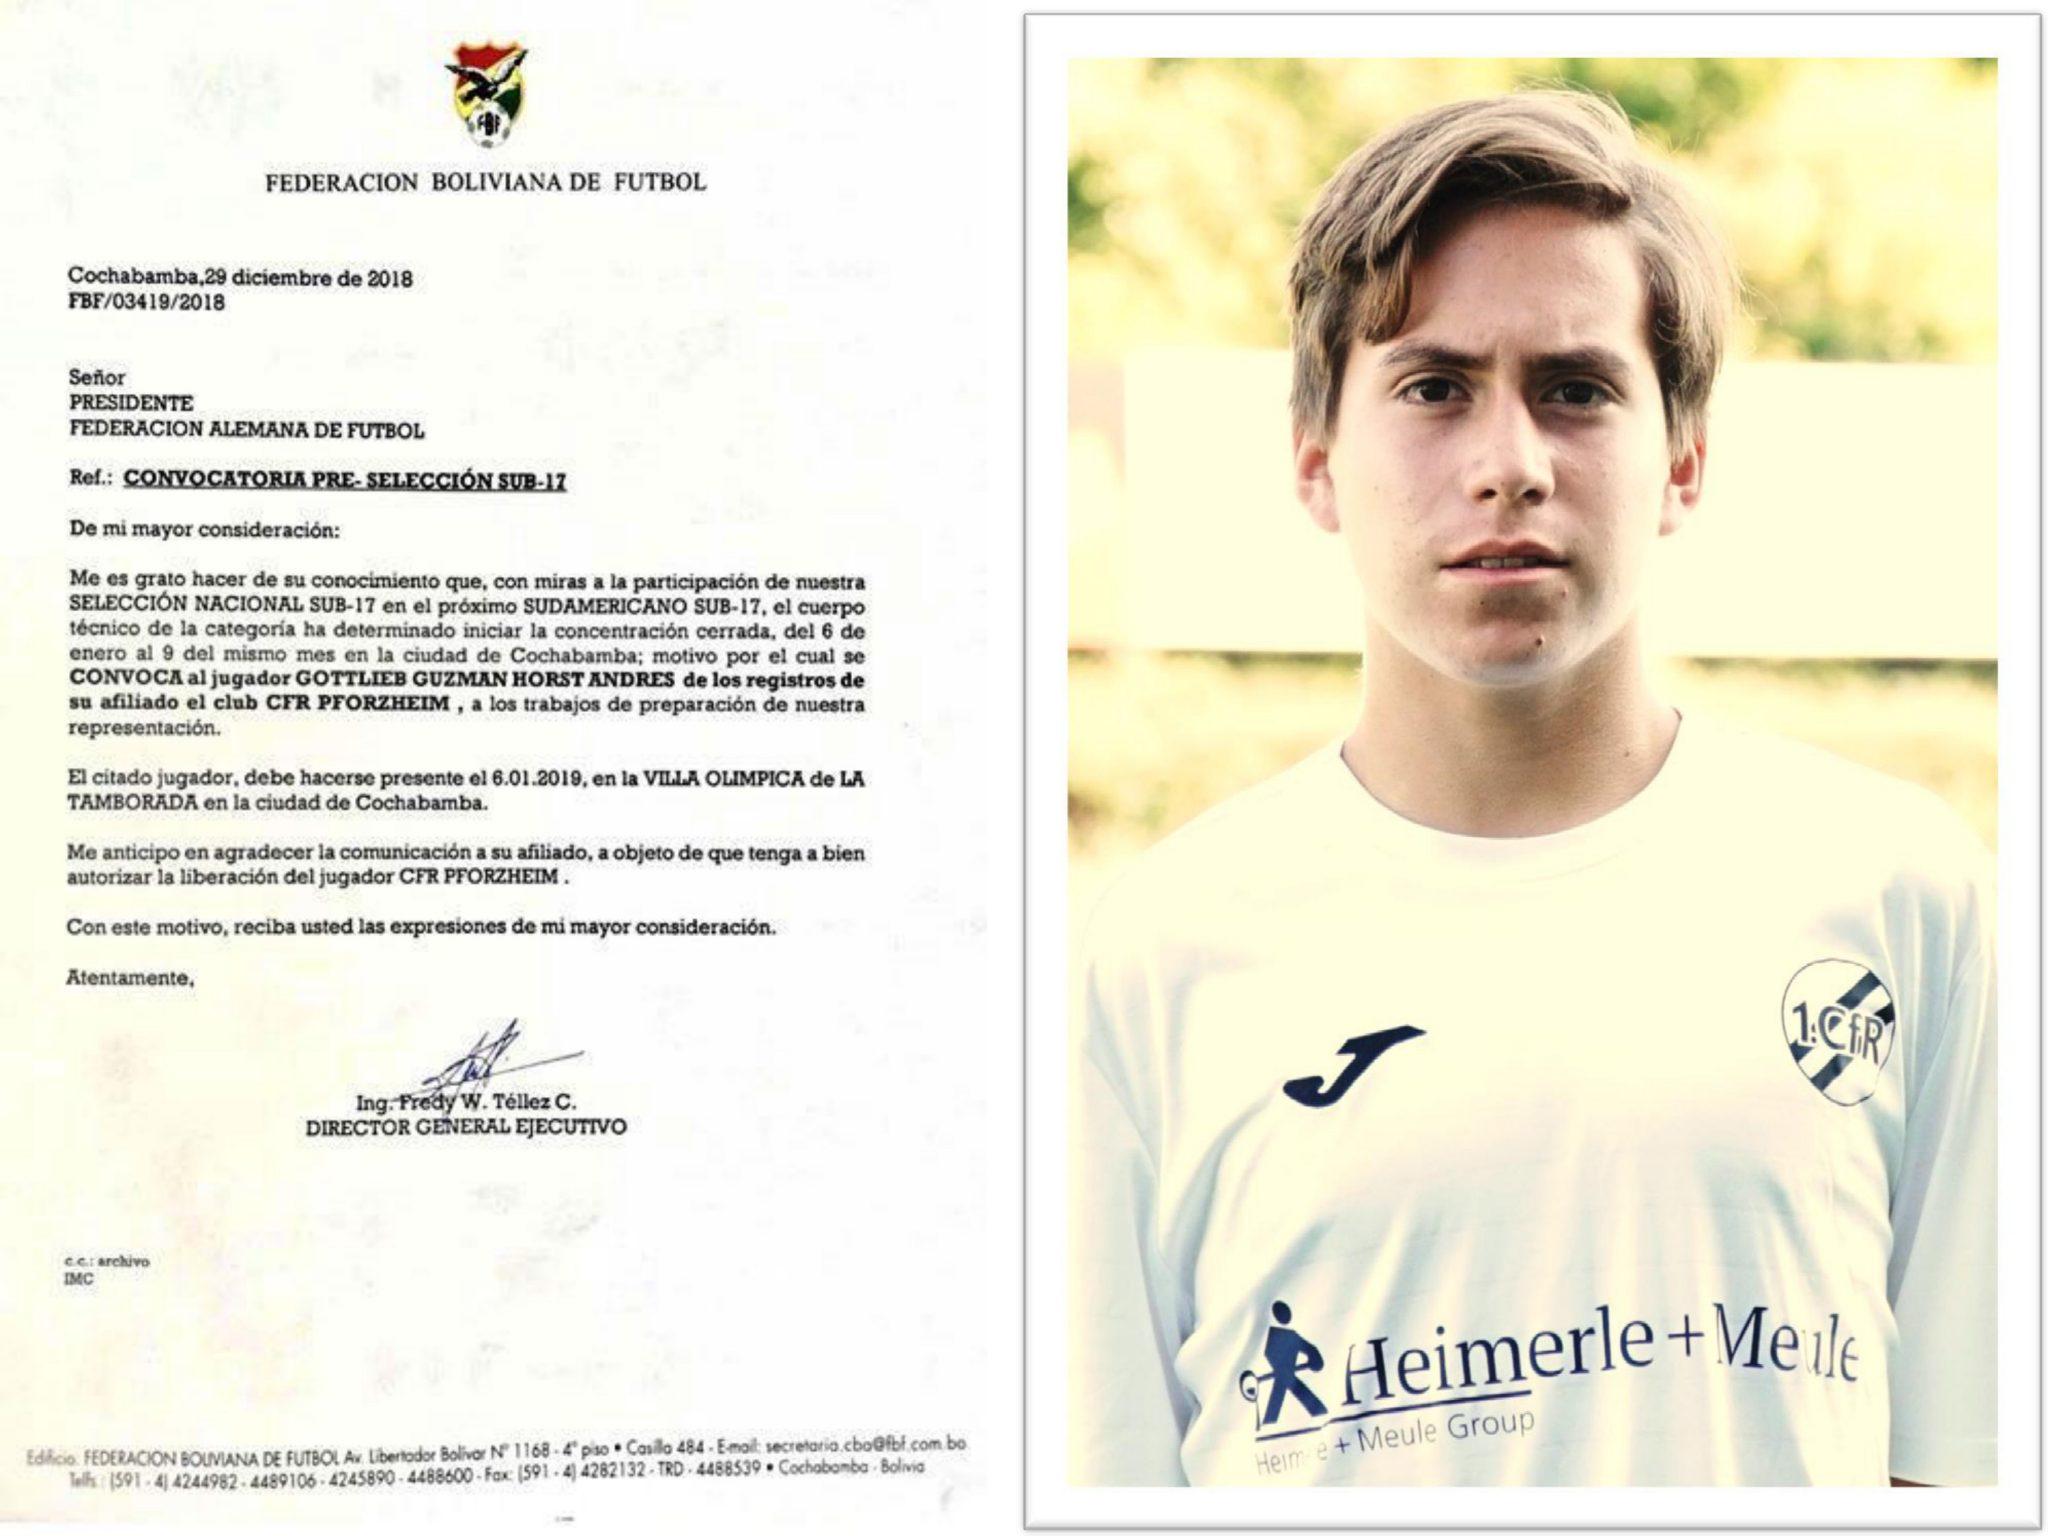 CfR-Spieler zur Nationalmannschaft berufen